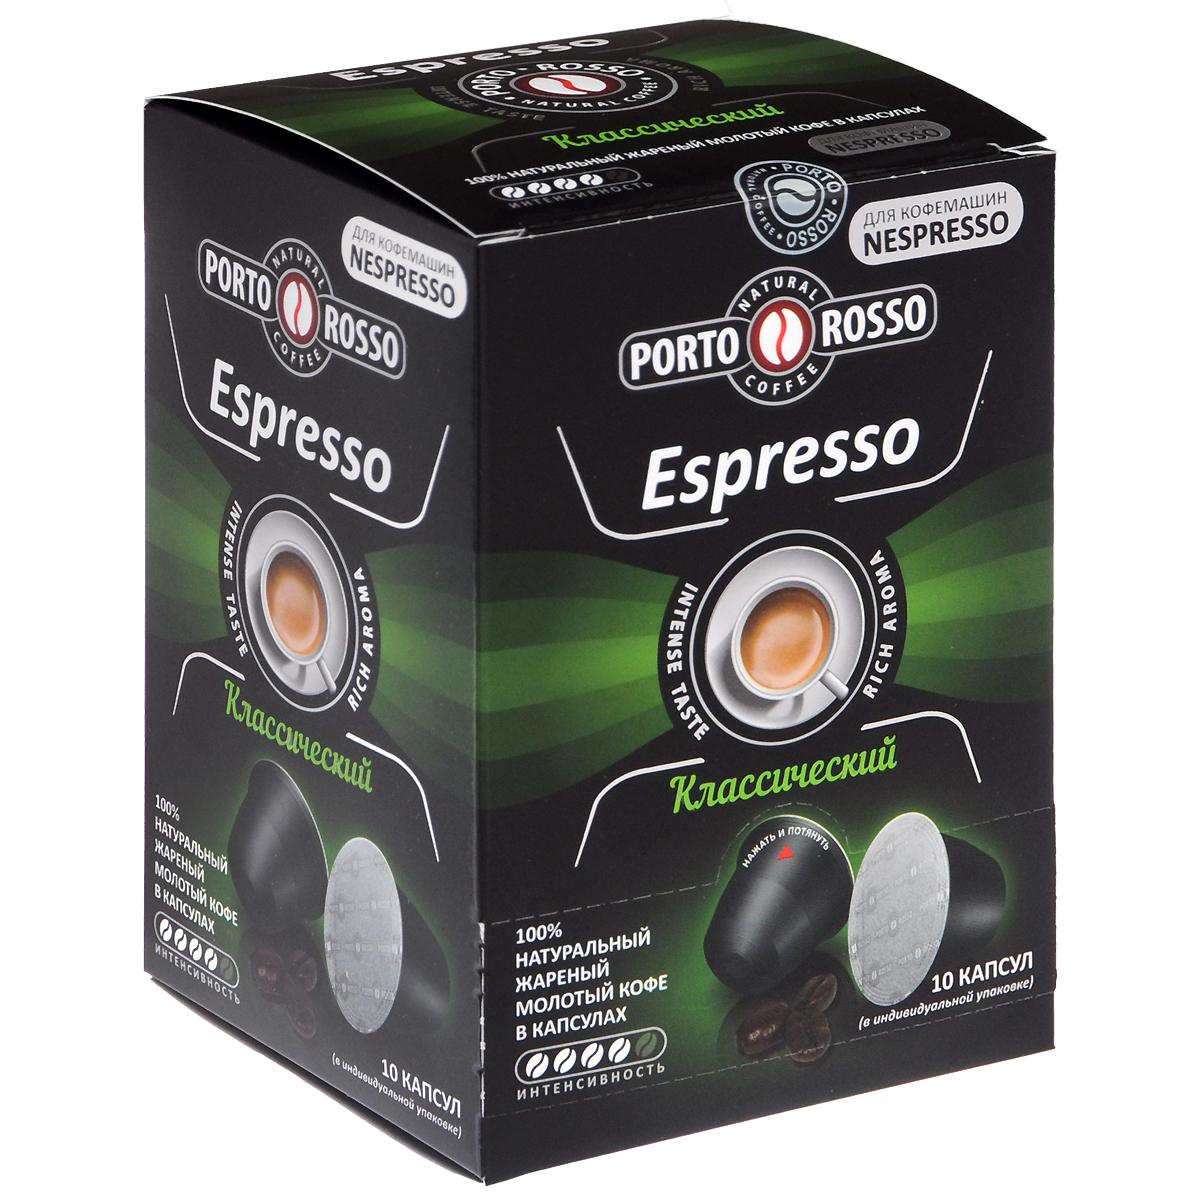 Porto Rosso Espresso кофейные капсулы0120710Кофе натуральный жареный молотый в капсулах Porto Rosso Espresso. Своим сбалансированным вкусом и бархатистой текстурой он обязан сочетанию индонезийской и южноамериканской арабики. Этот идеальный напиток создан лучшими итальянскими бариста для тех, кто предпочитает кофе средней крепости.